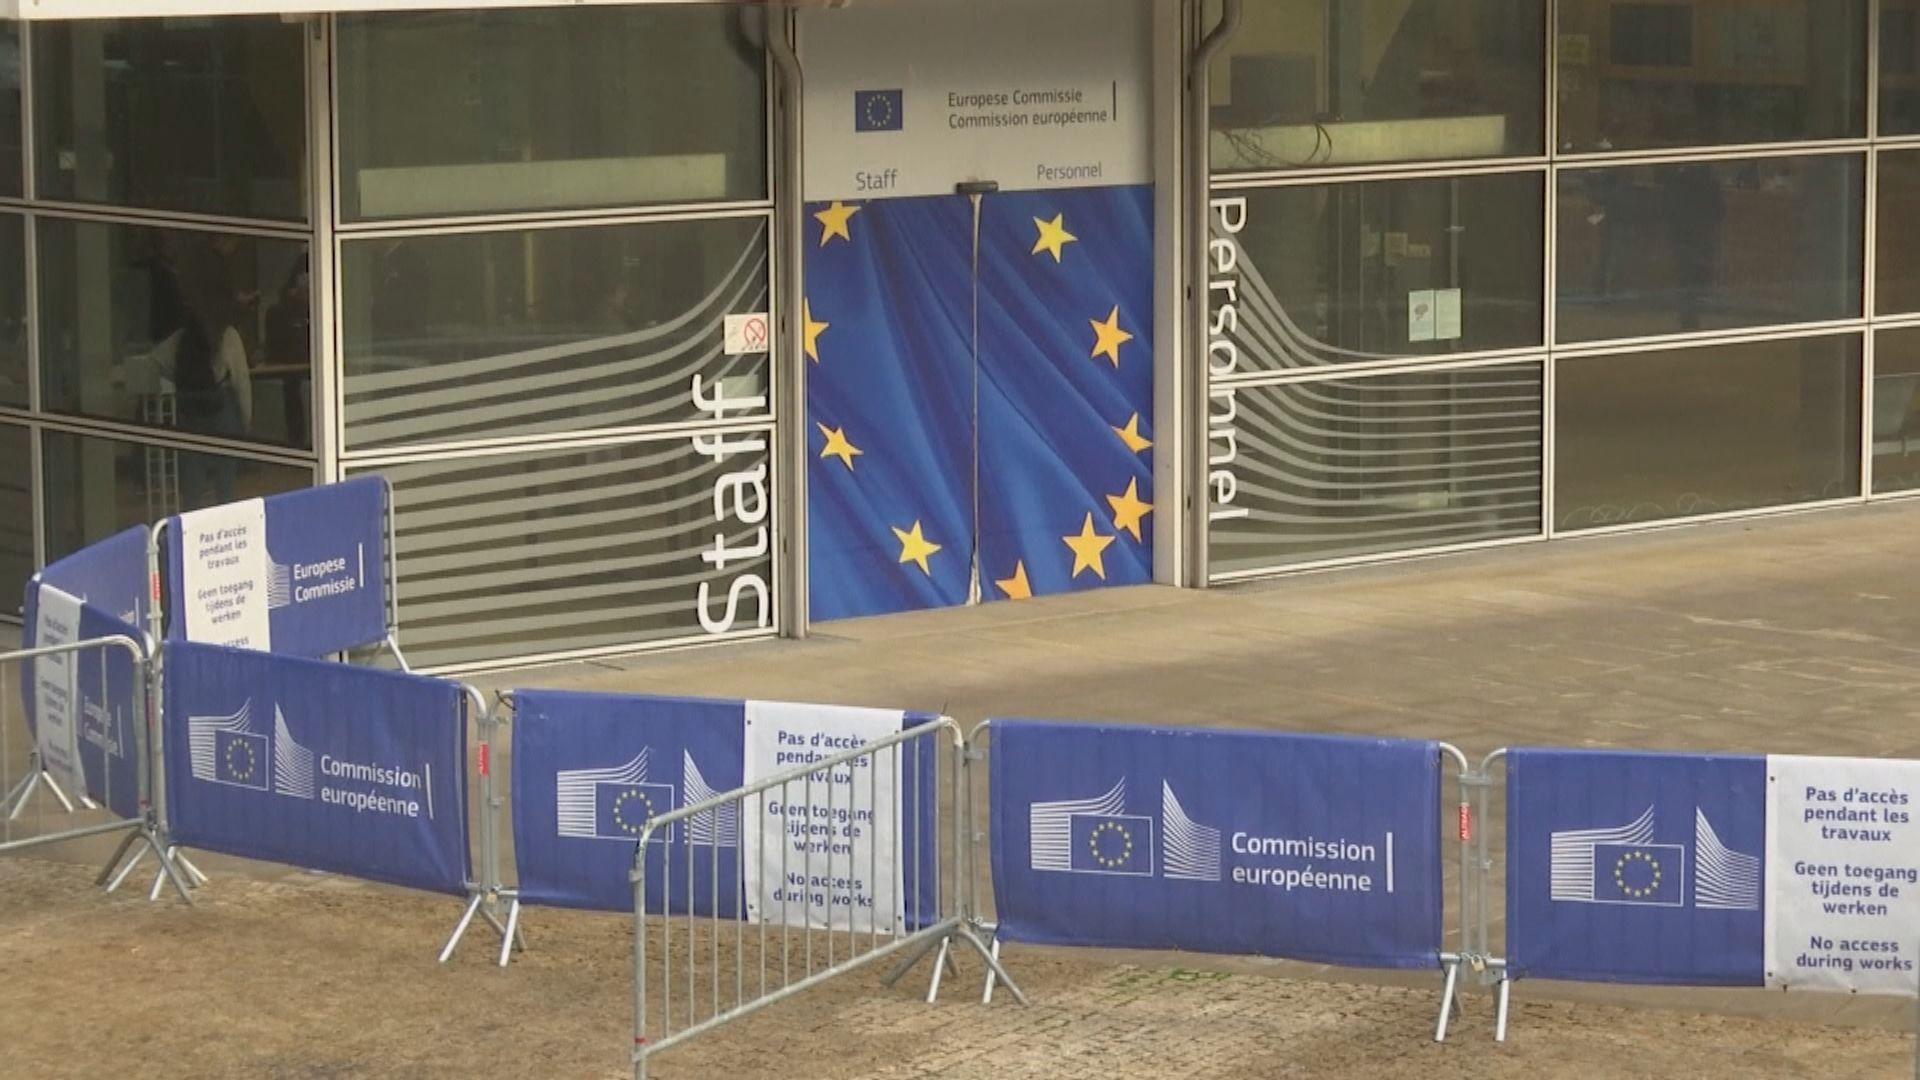 歐盟據報尋求與台灣建立更緊密貿易關係